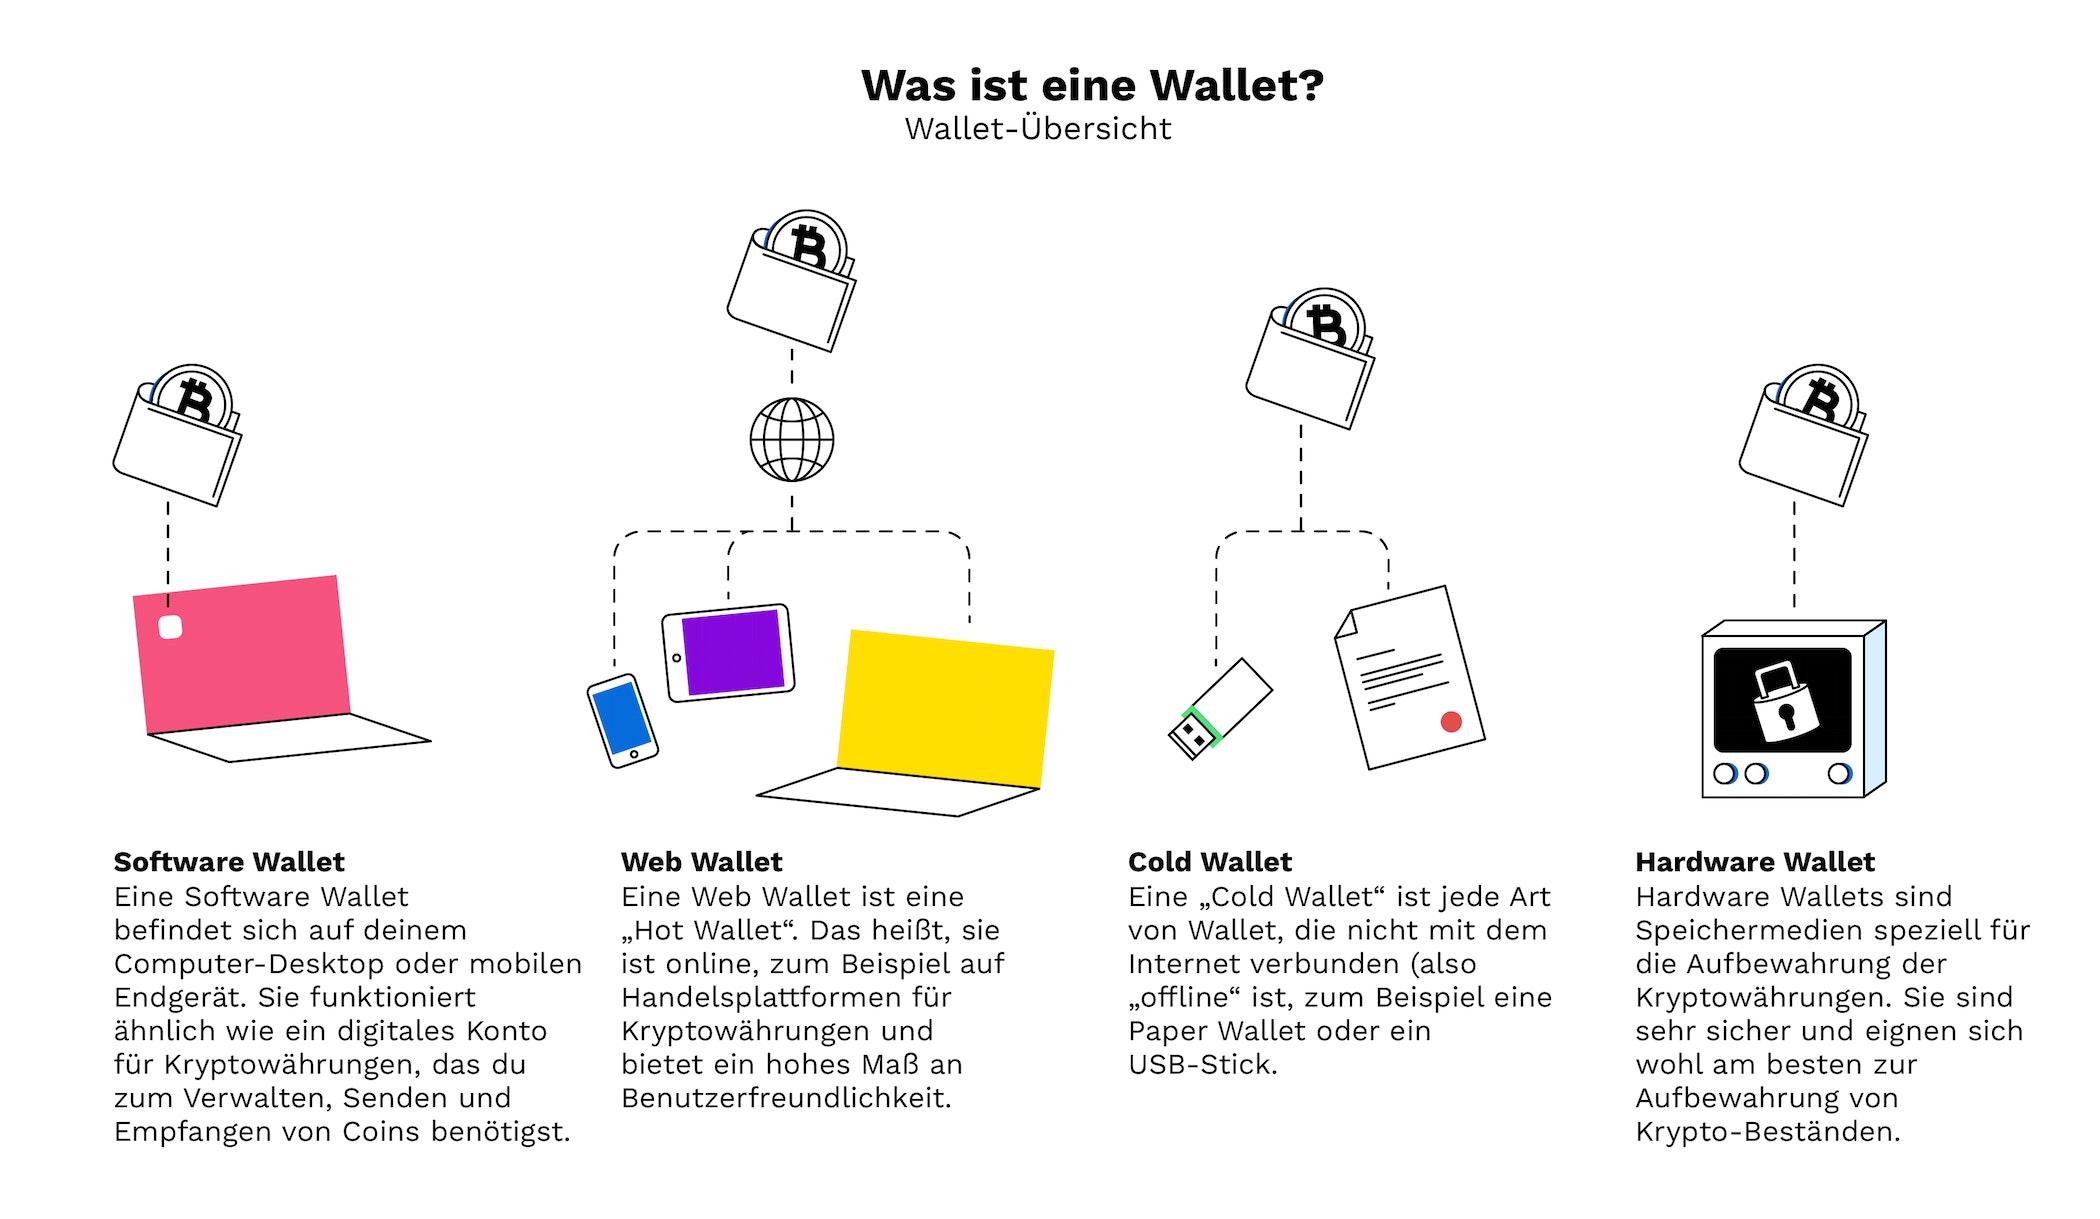 Was Ist Eine Wallet